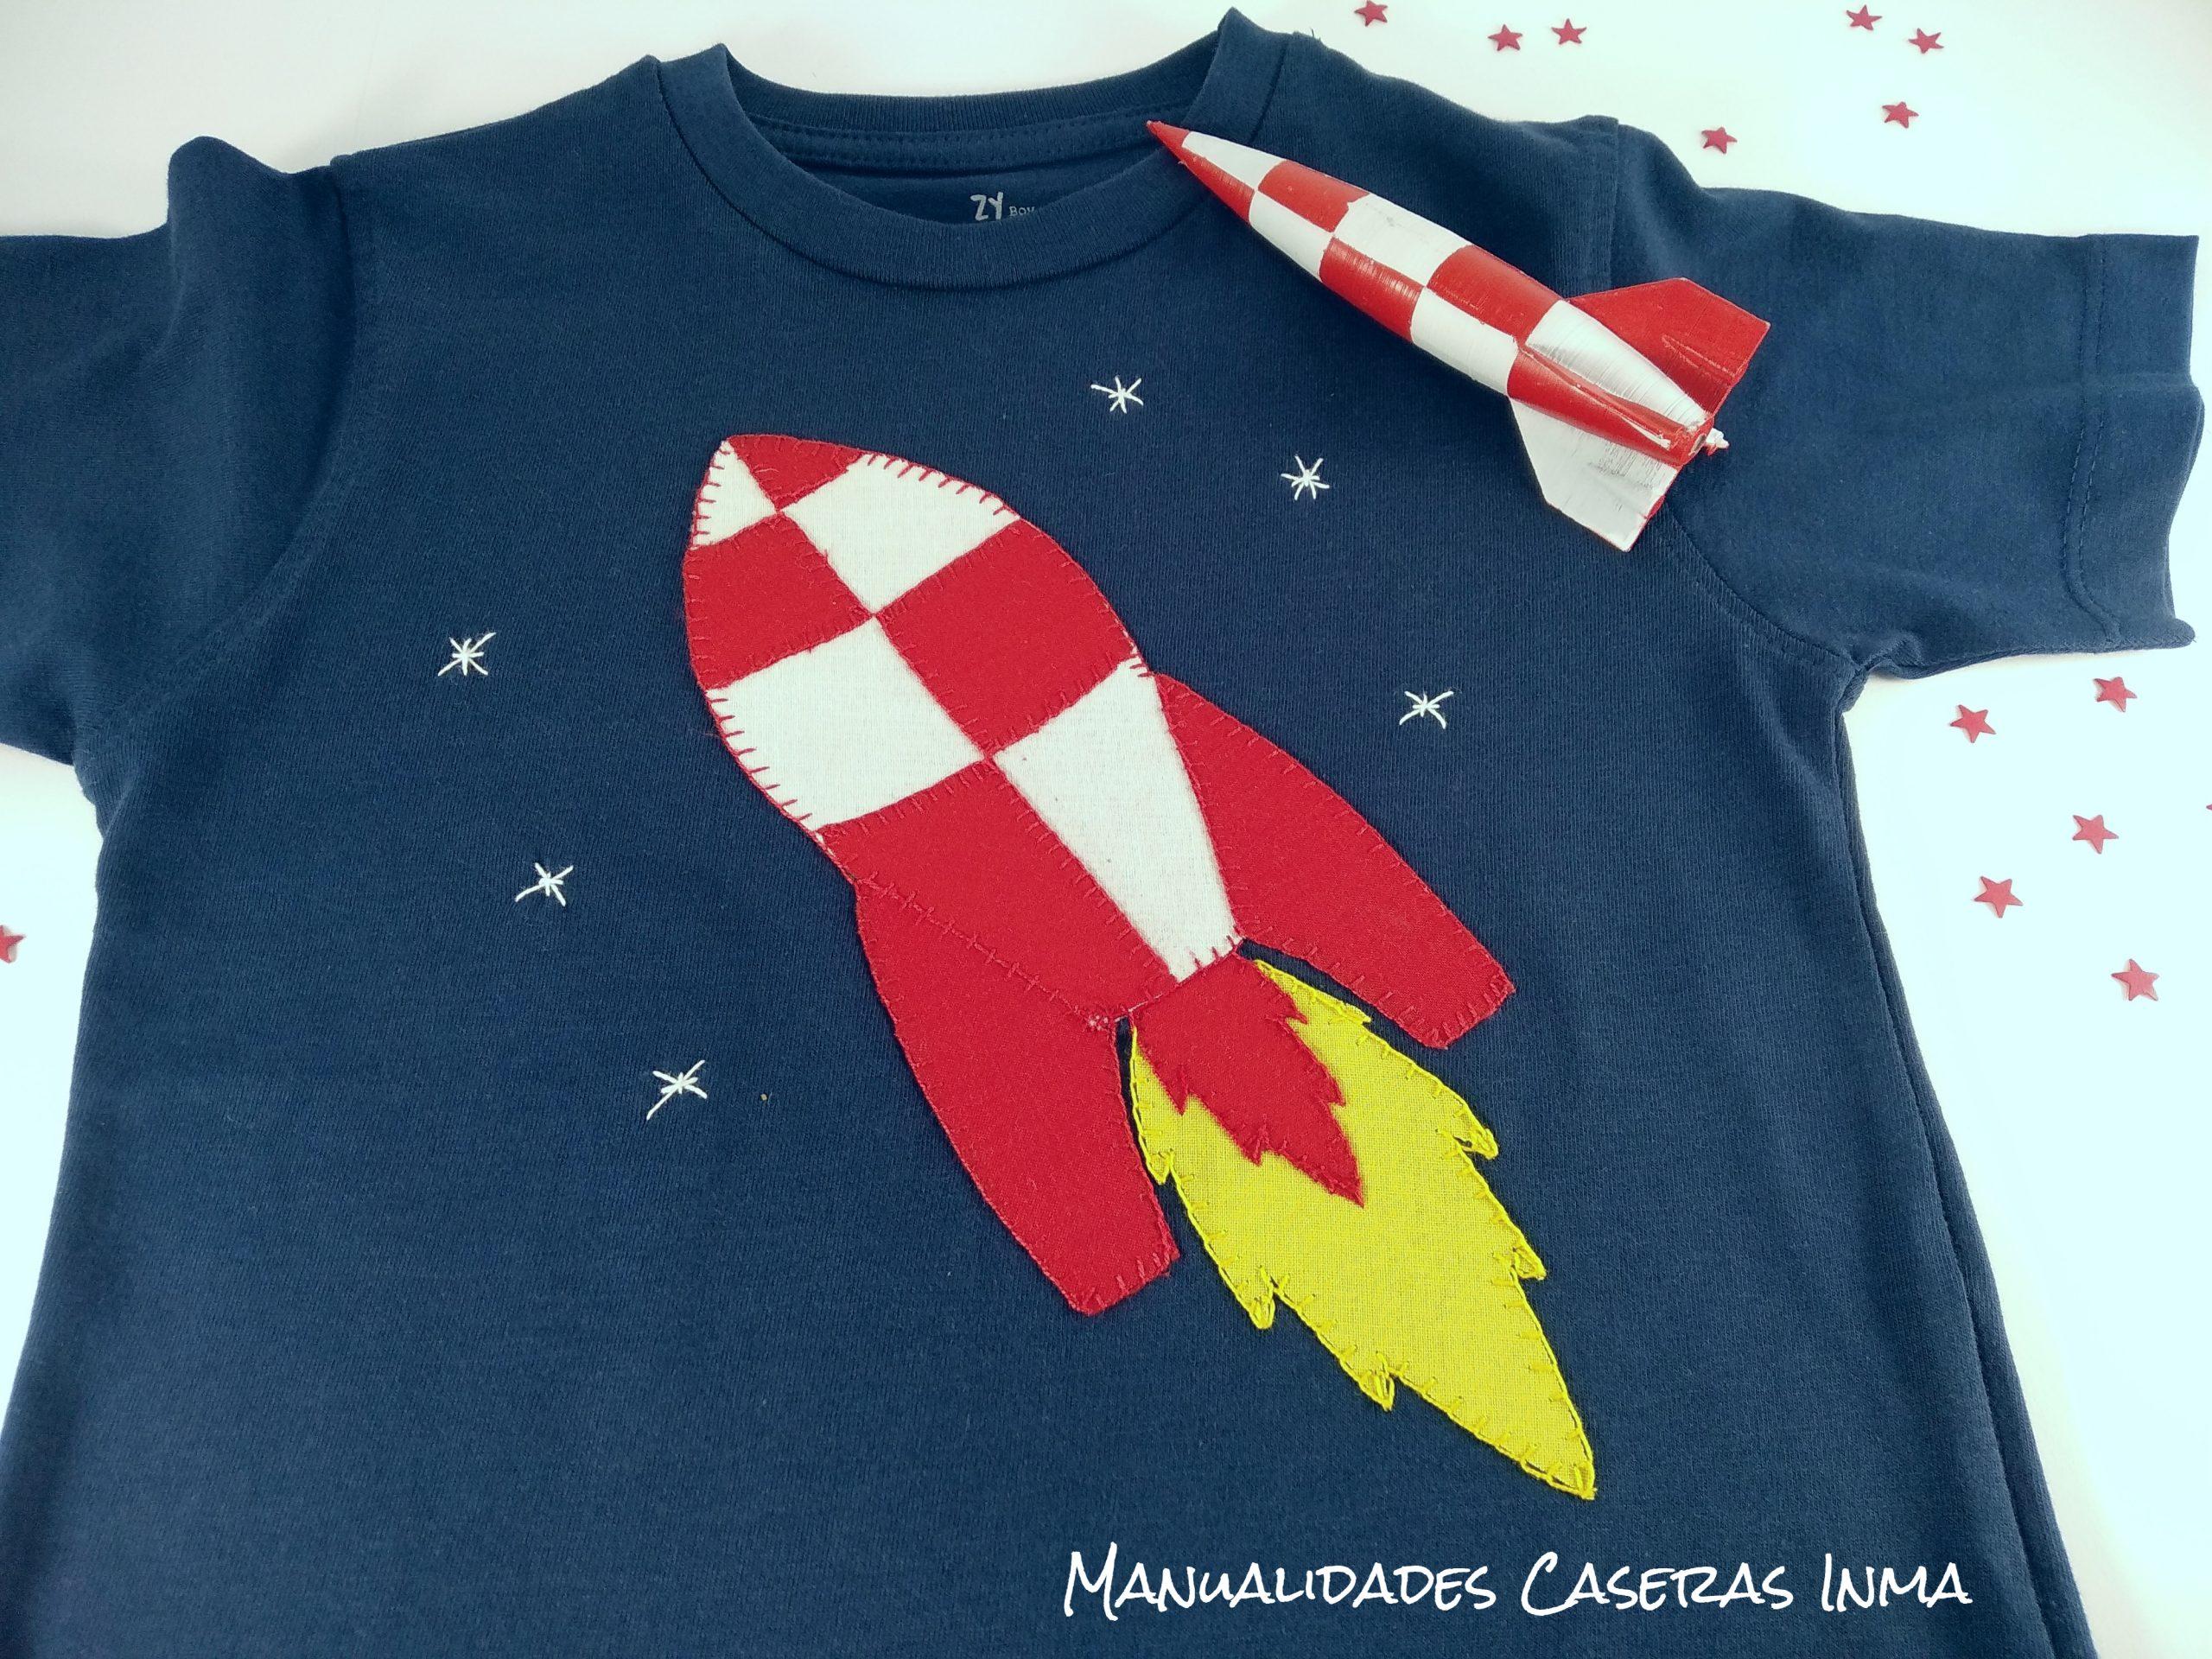 Manualidades Caseras Inma_ camiseta cohete rojo y blanco en camiseta azul marino